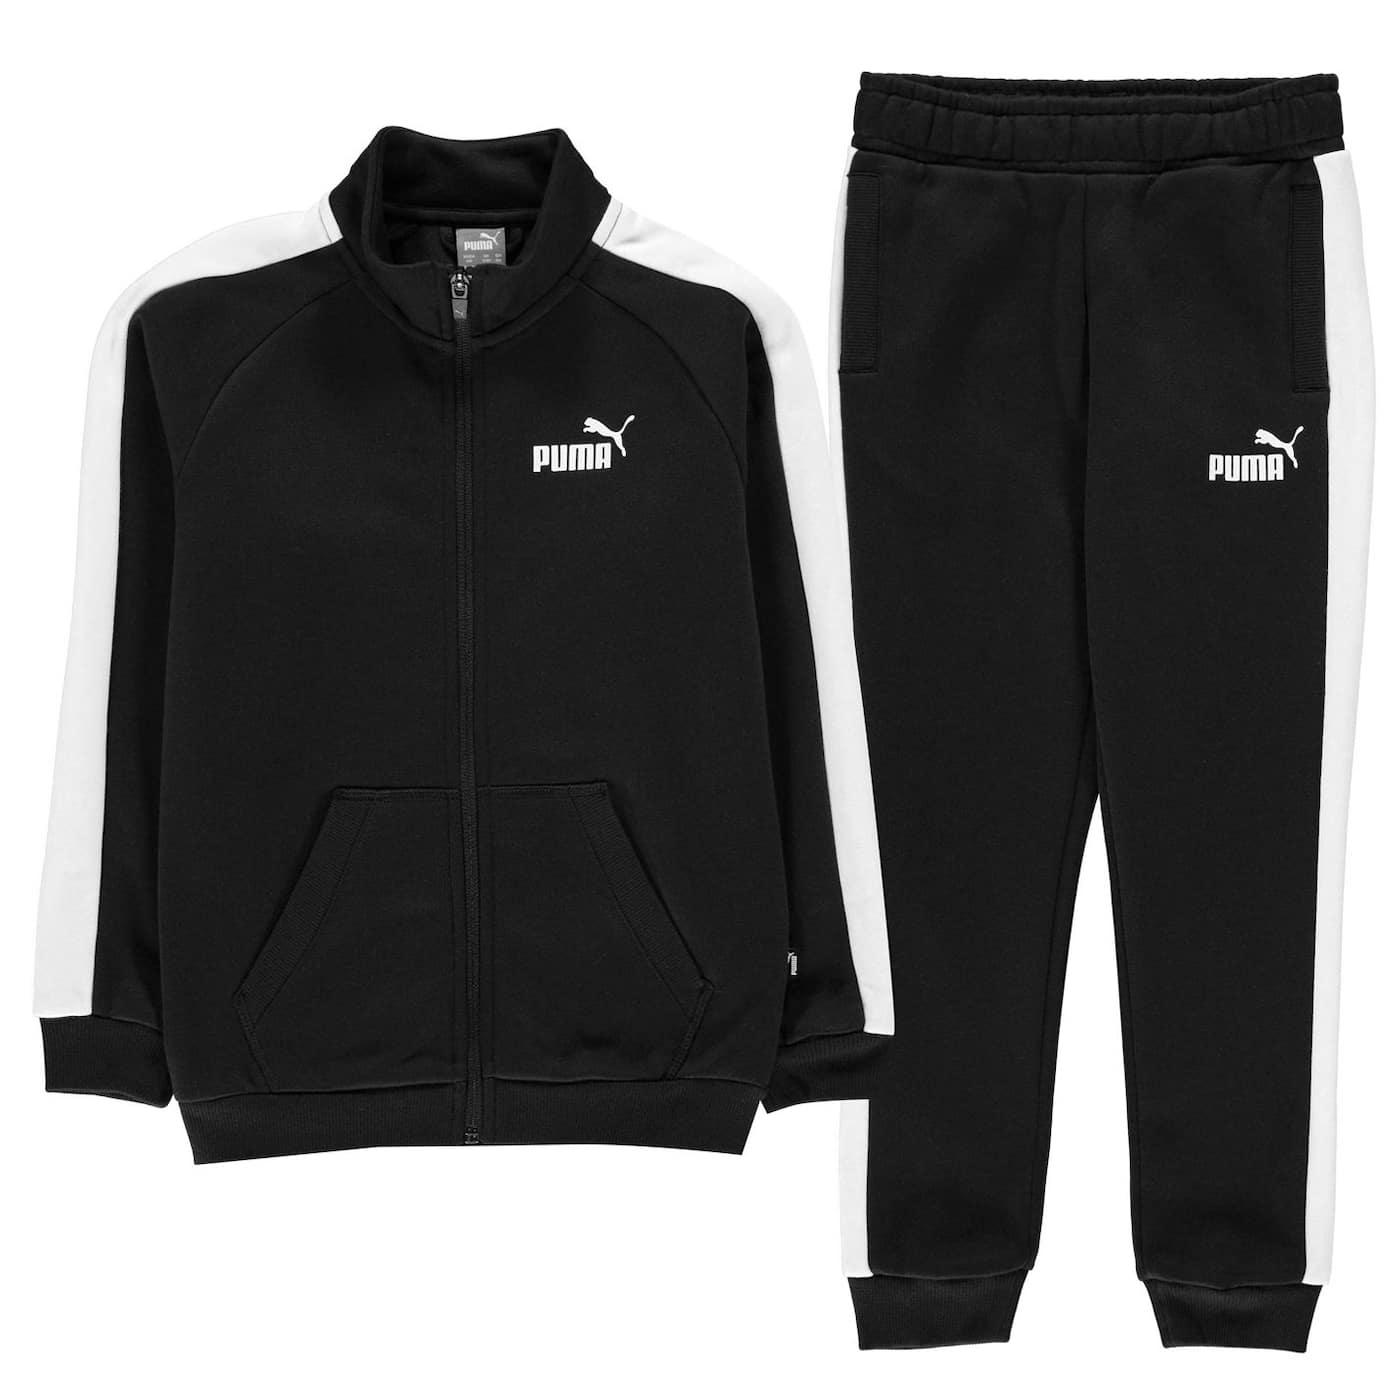 Puma Fleece Sweat Suit